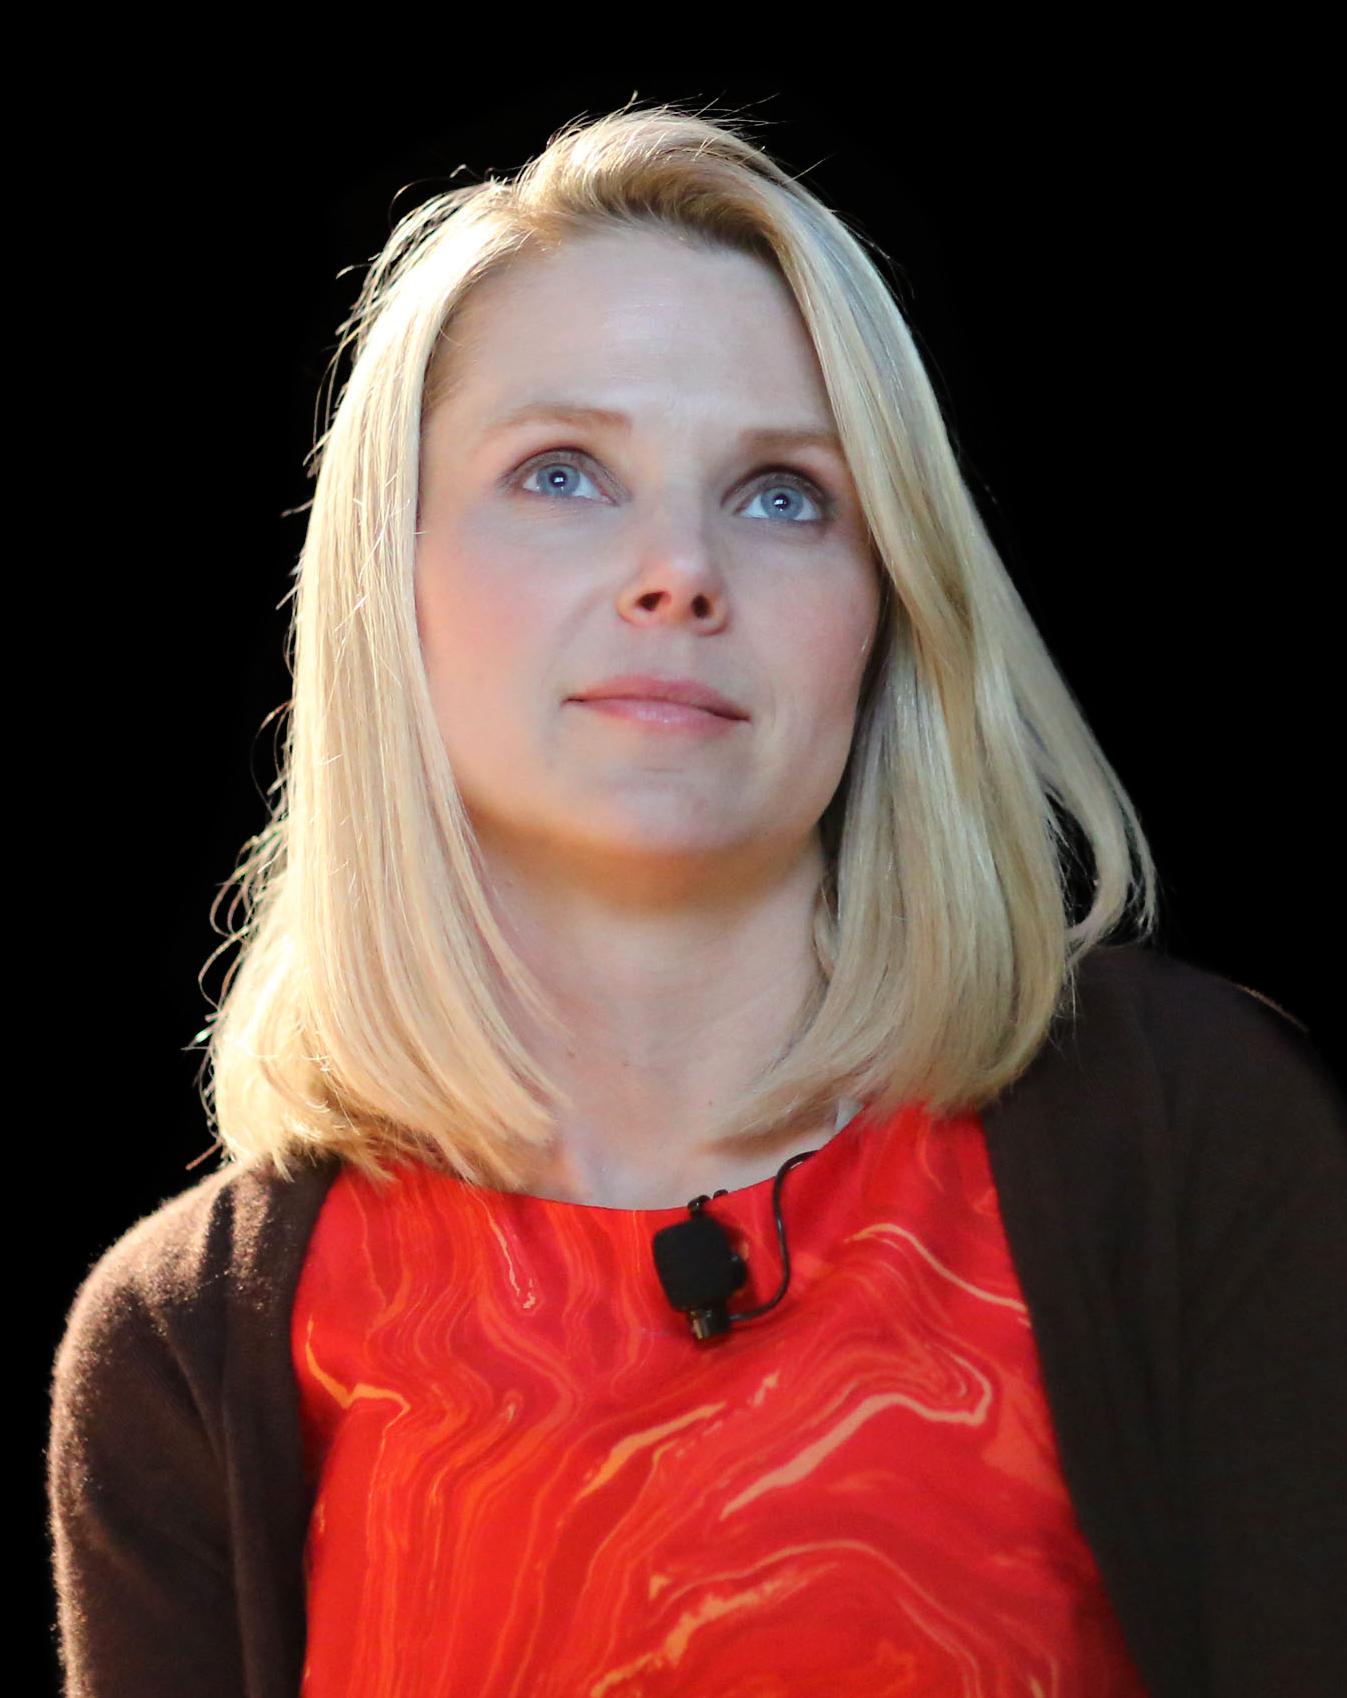 Marissa Mayer Wikipedia